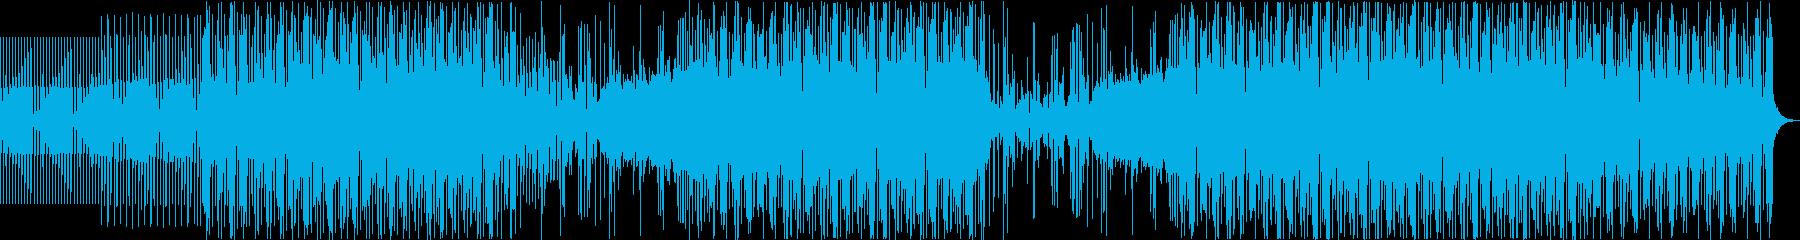 ディープ・ハウス。の再生済みの波形